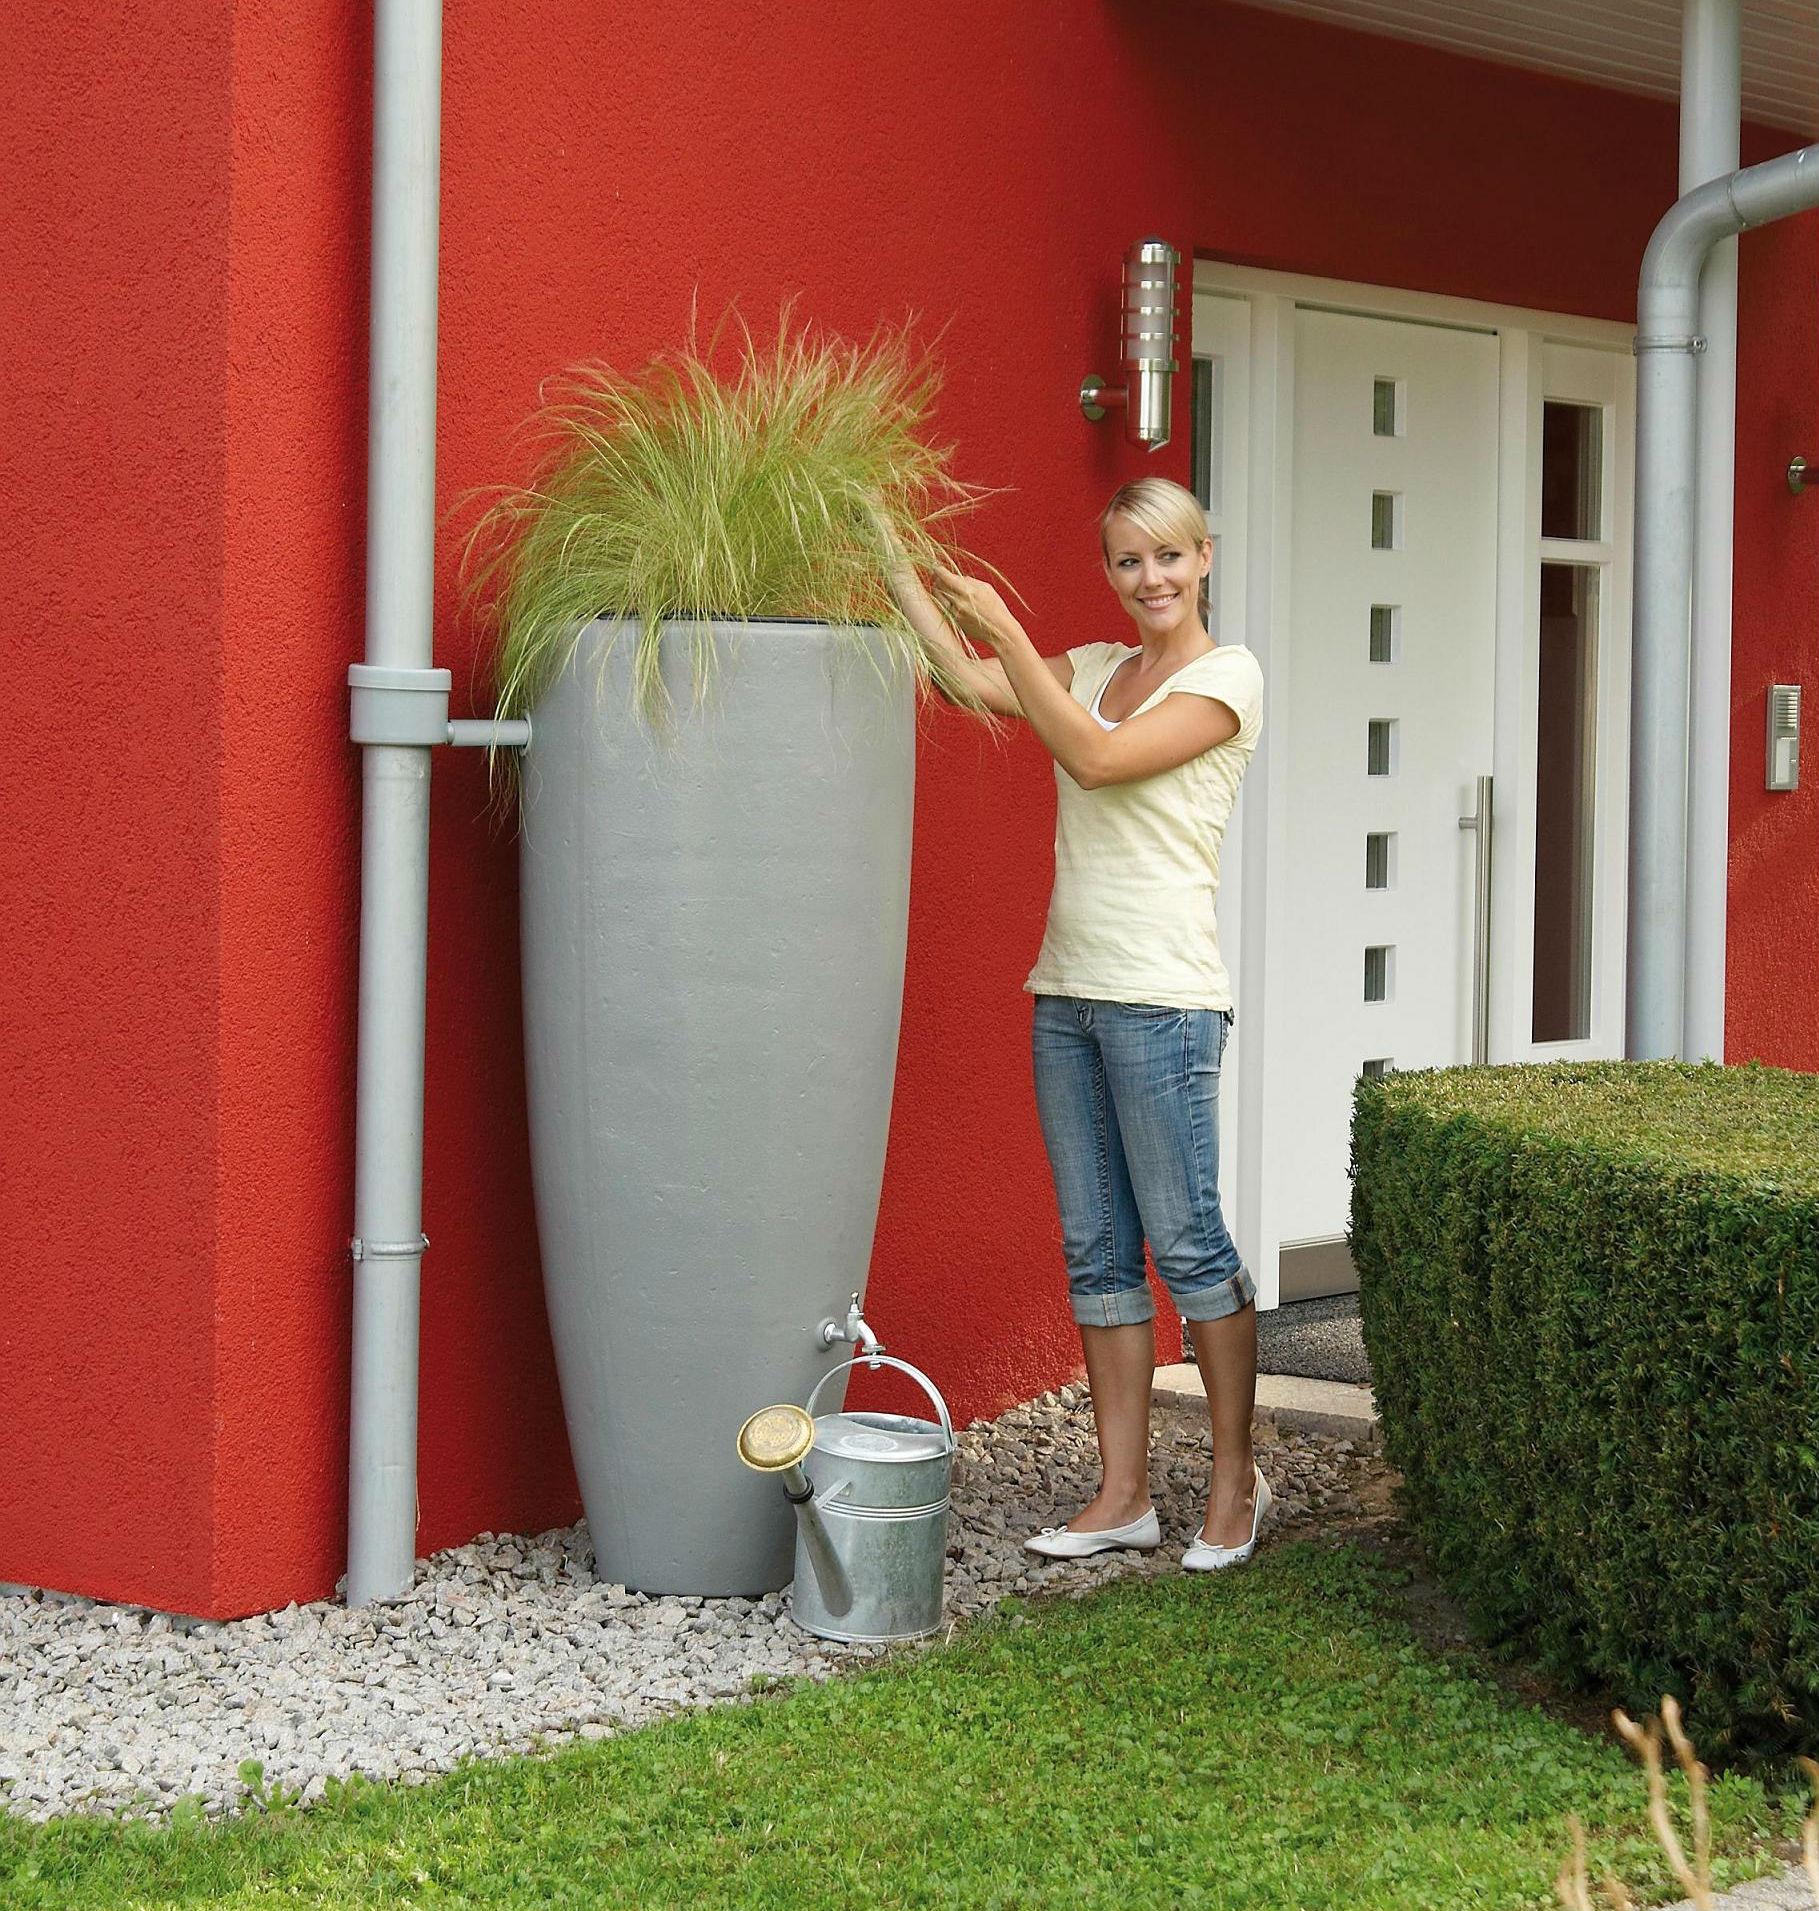 Systeme Arrosage Potager Vacances choisir son système d'arrosage de vacances pour le jardin